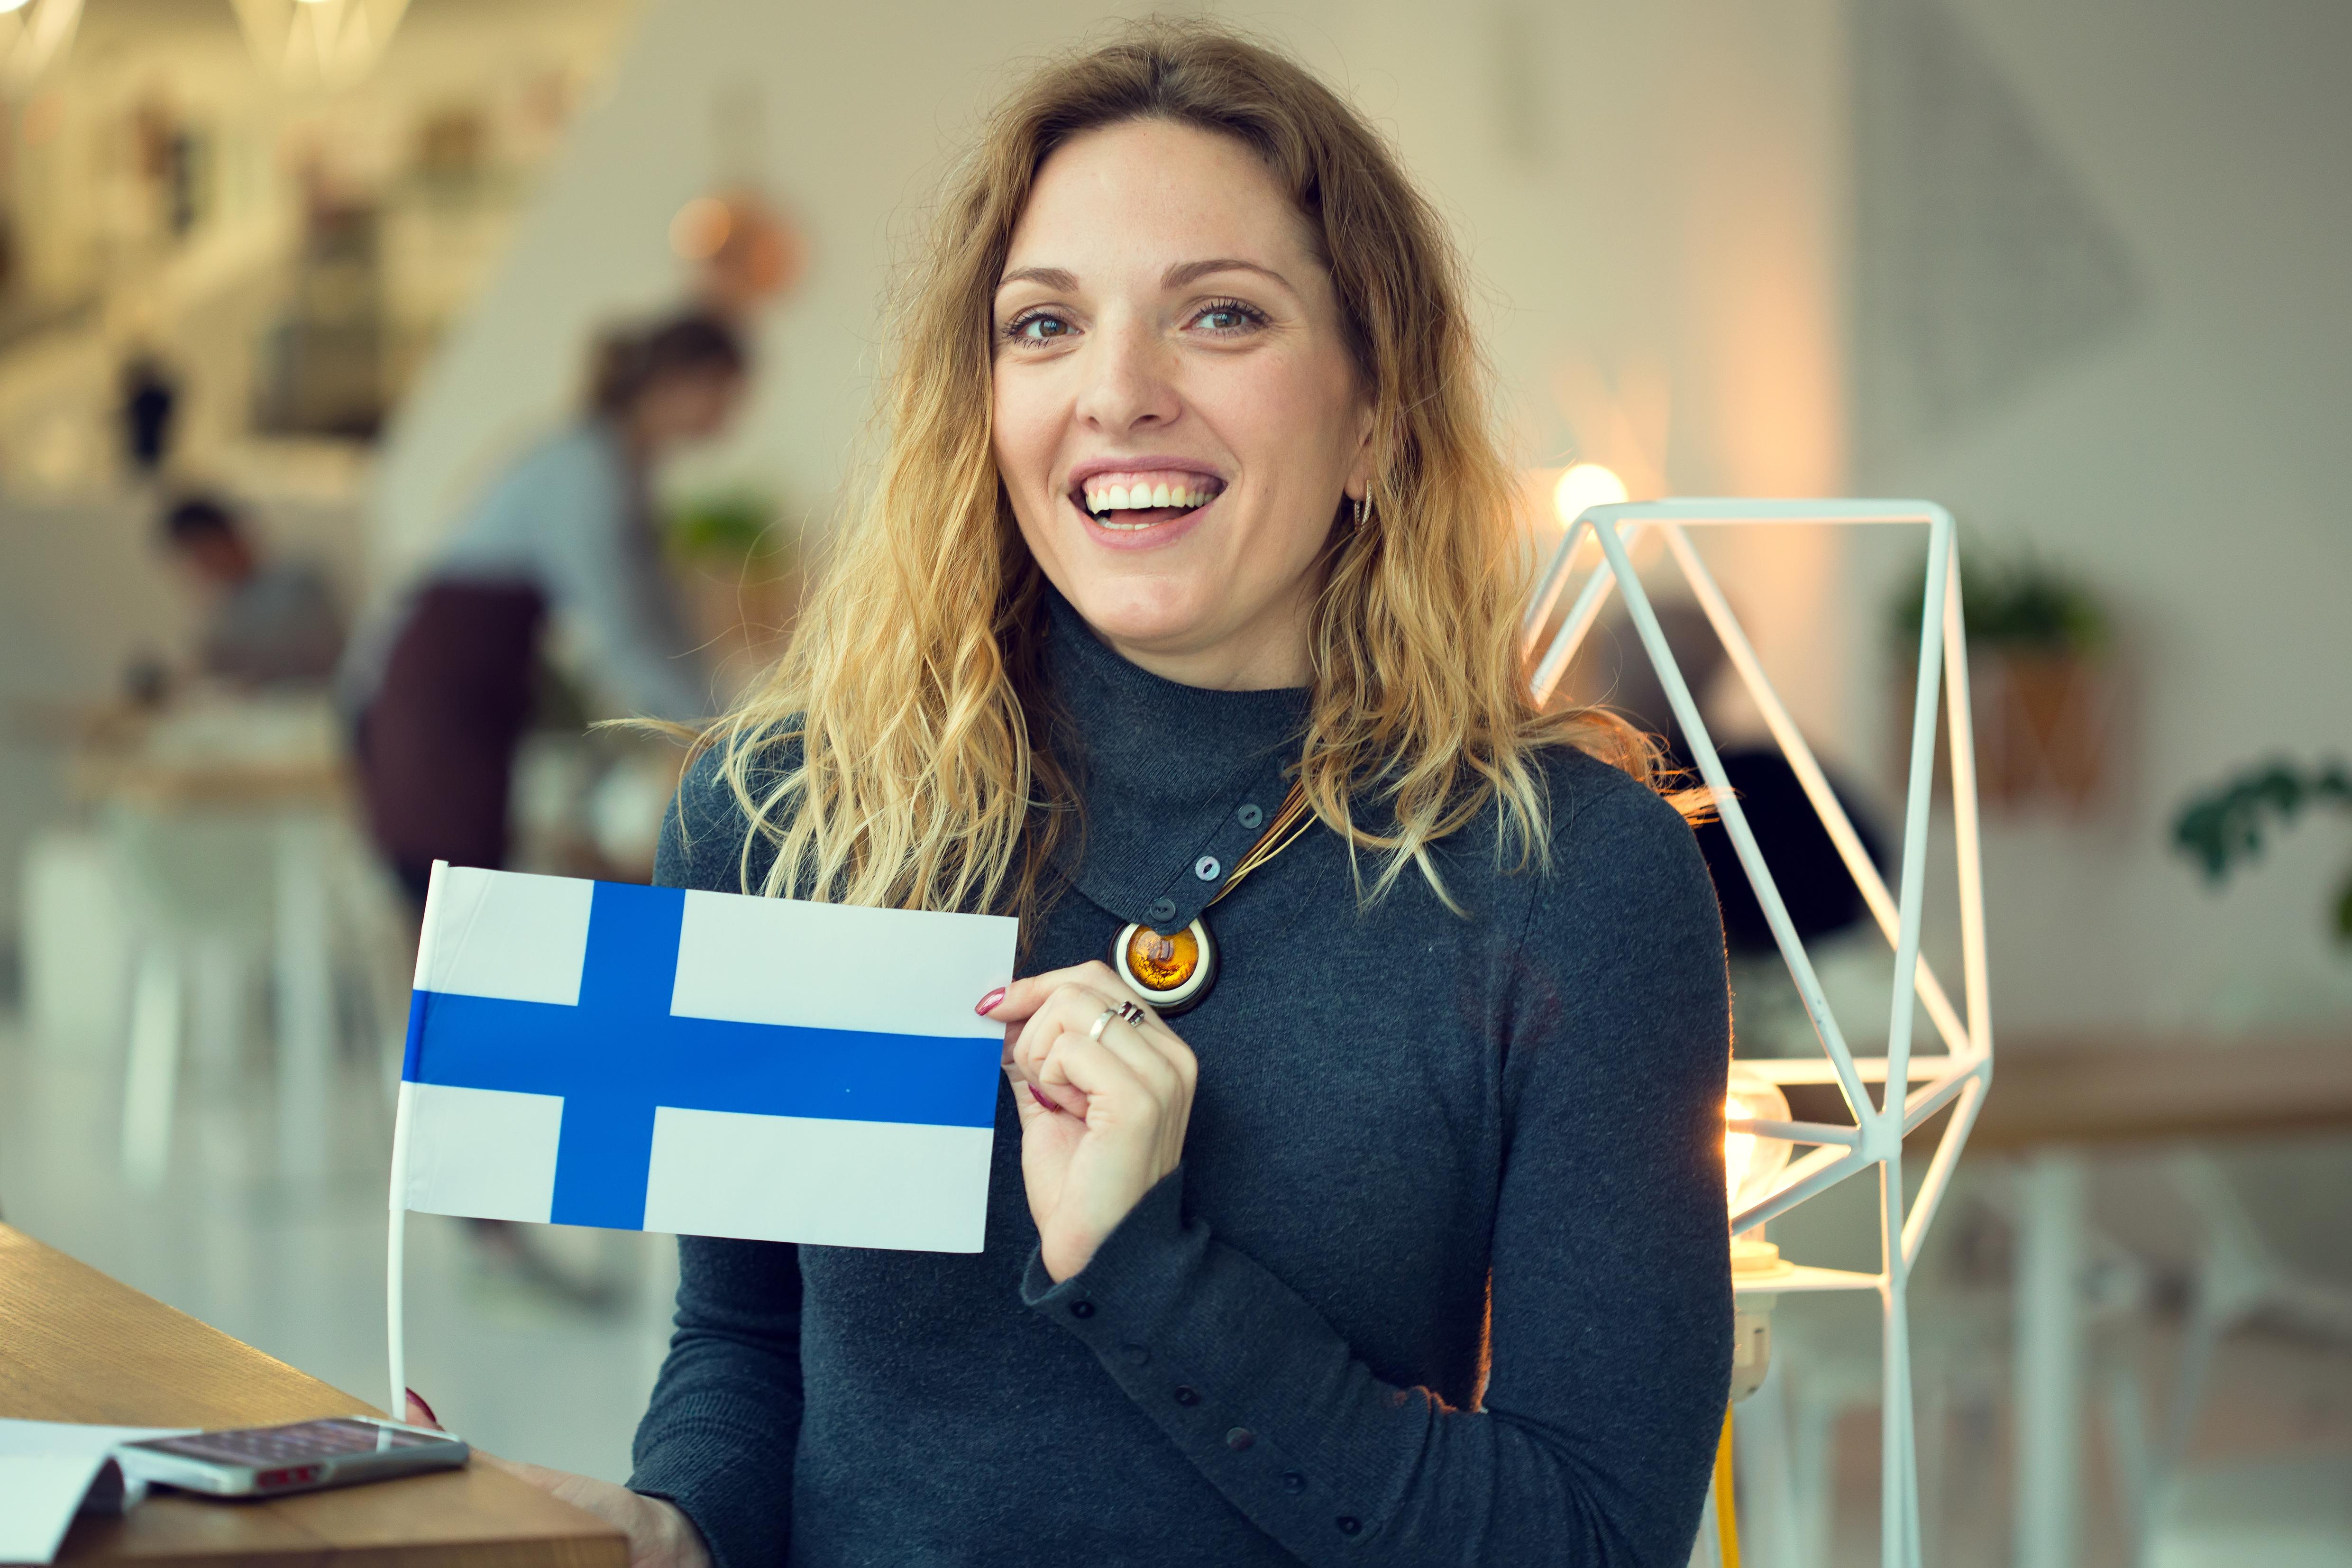 Студентка с флагом Финляндии, где существует условно-бесплатное образование для иностранцев